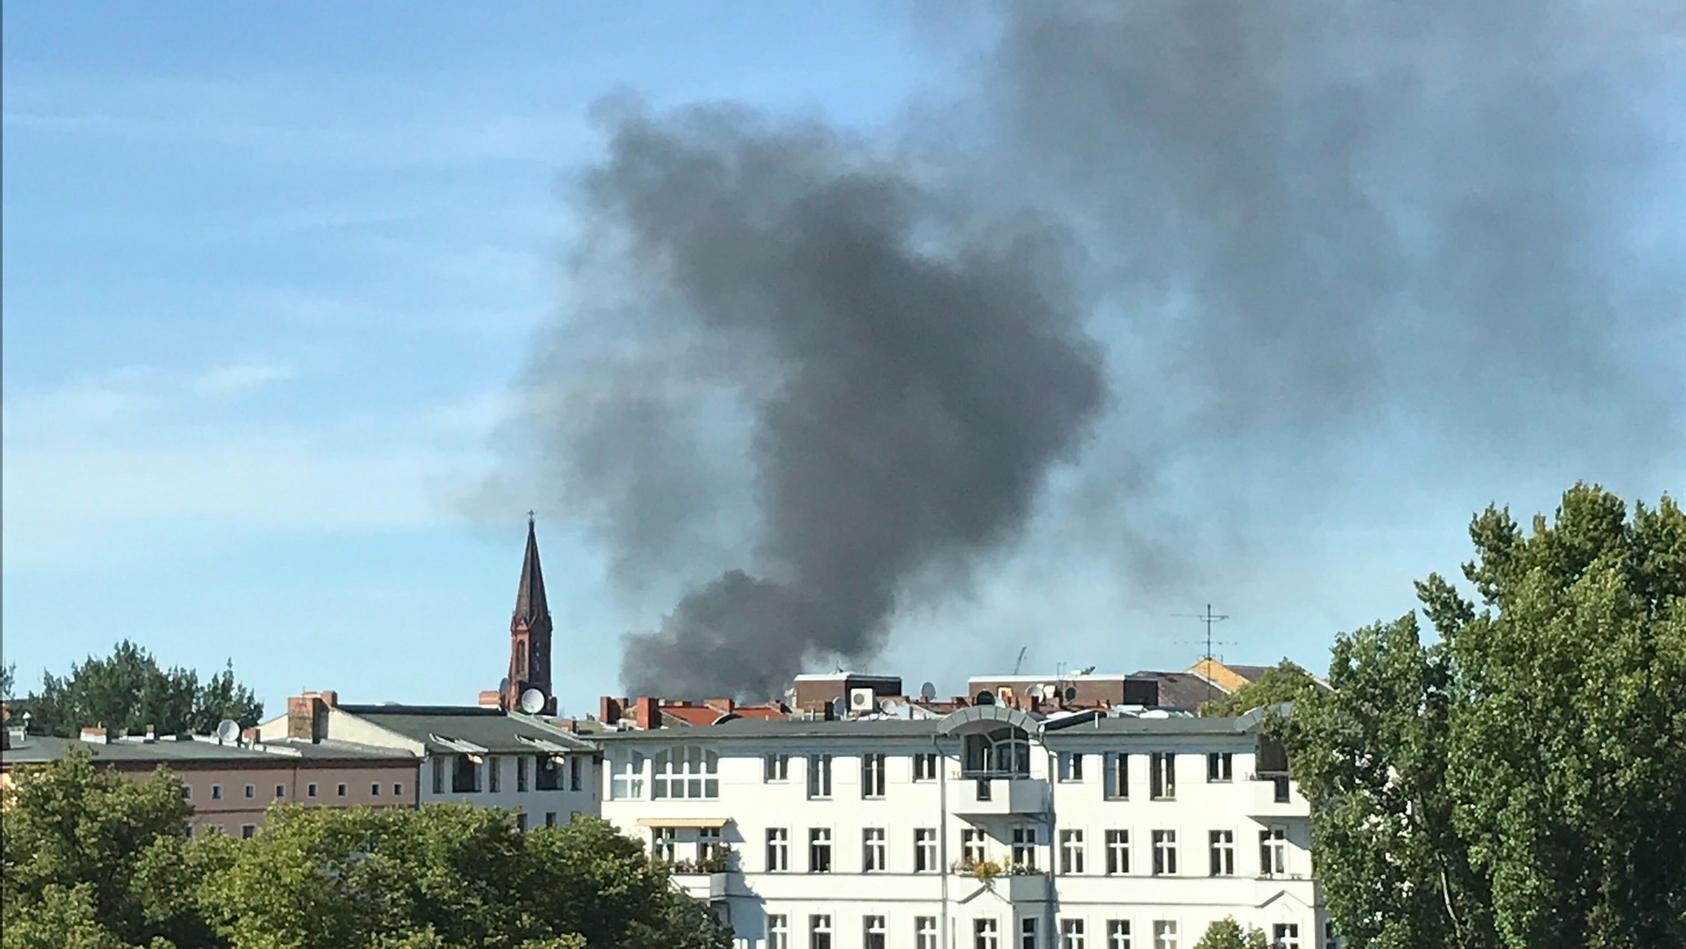 Rauchwolke über Berlin - Papierlager brennt